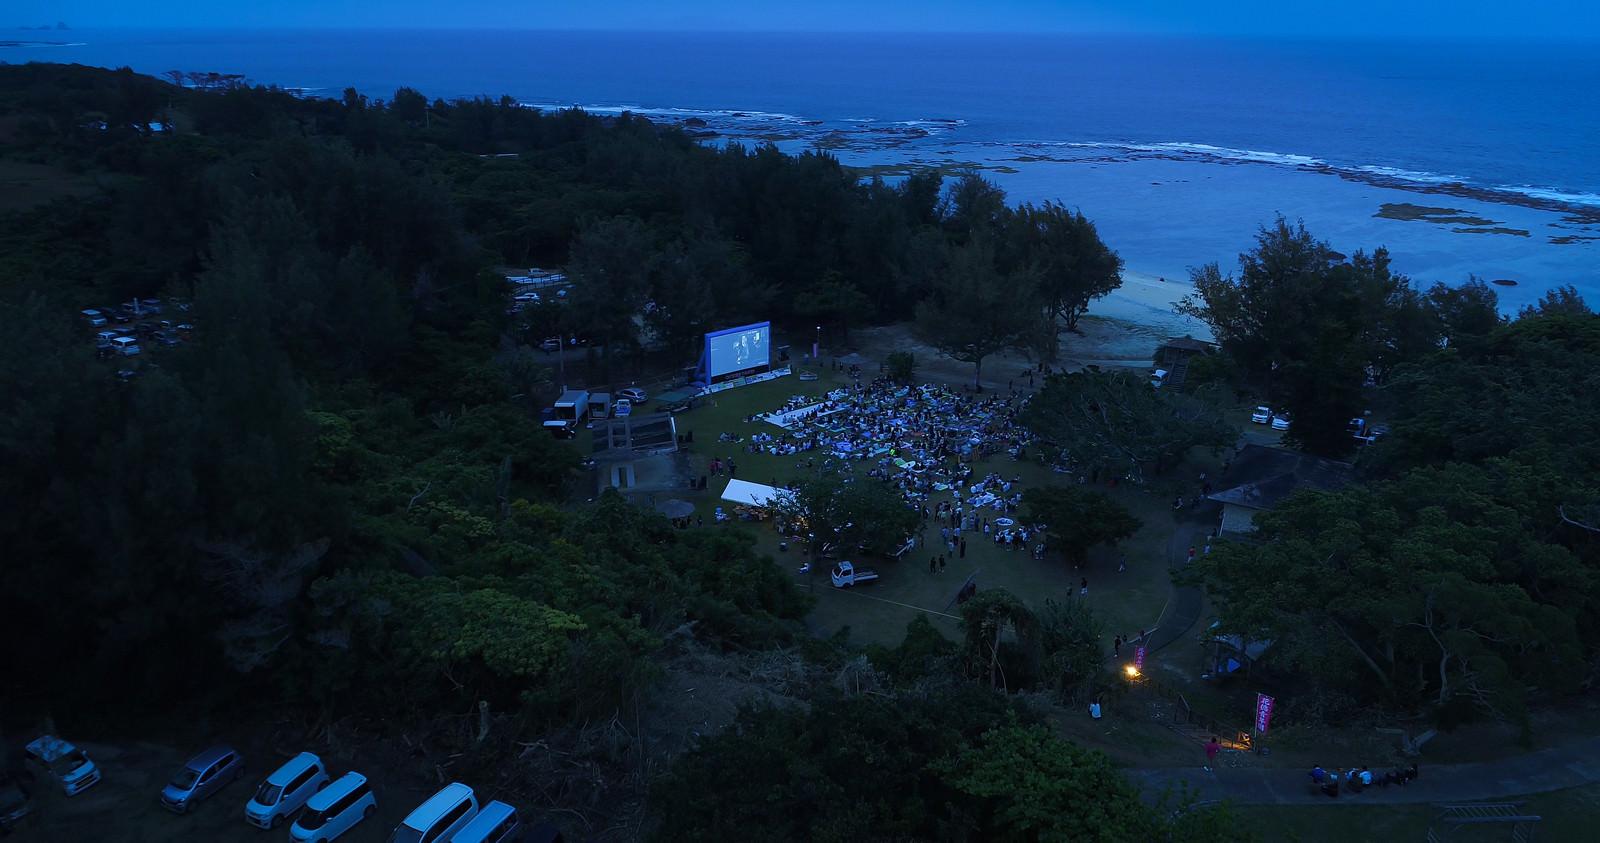 「徳之島畦プリンスビーチと野外シネマ」の写真